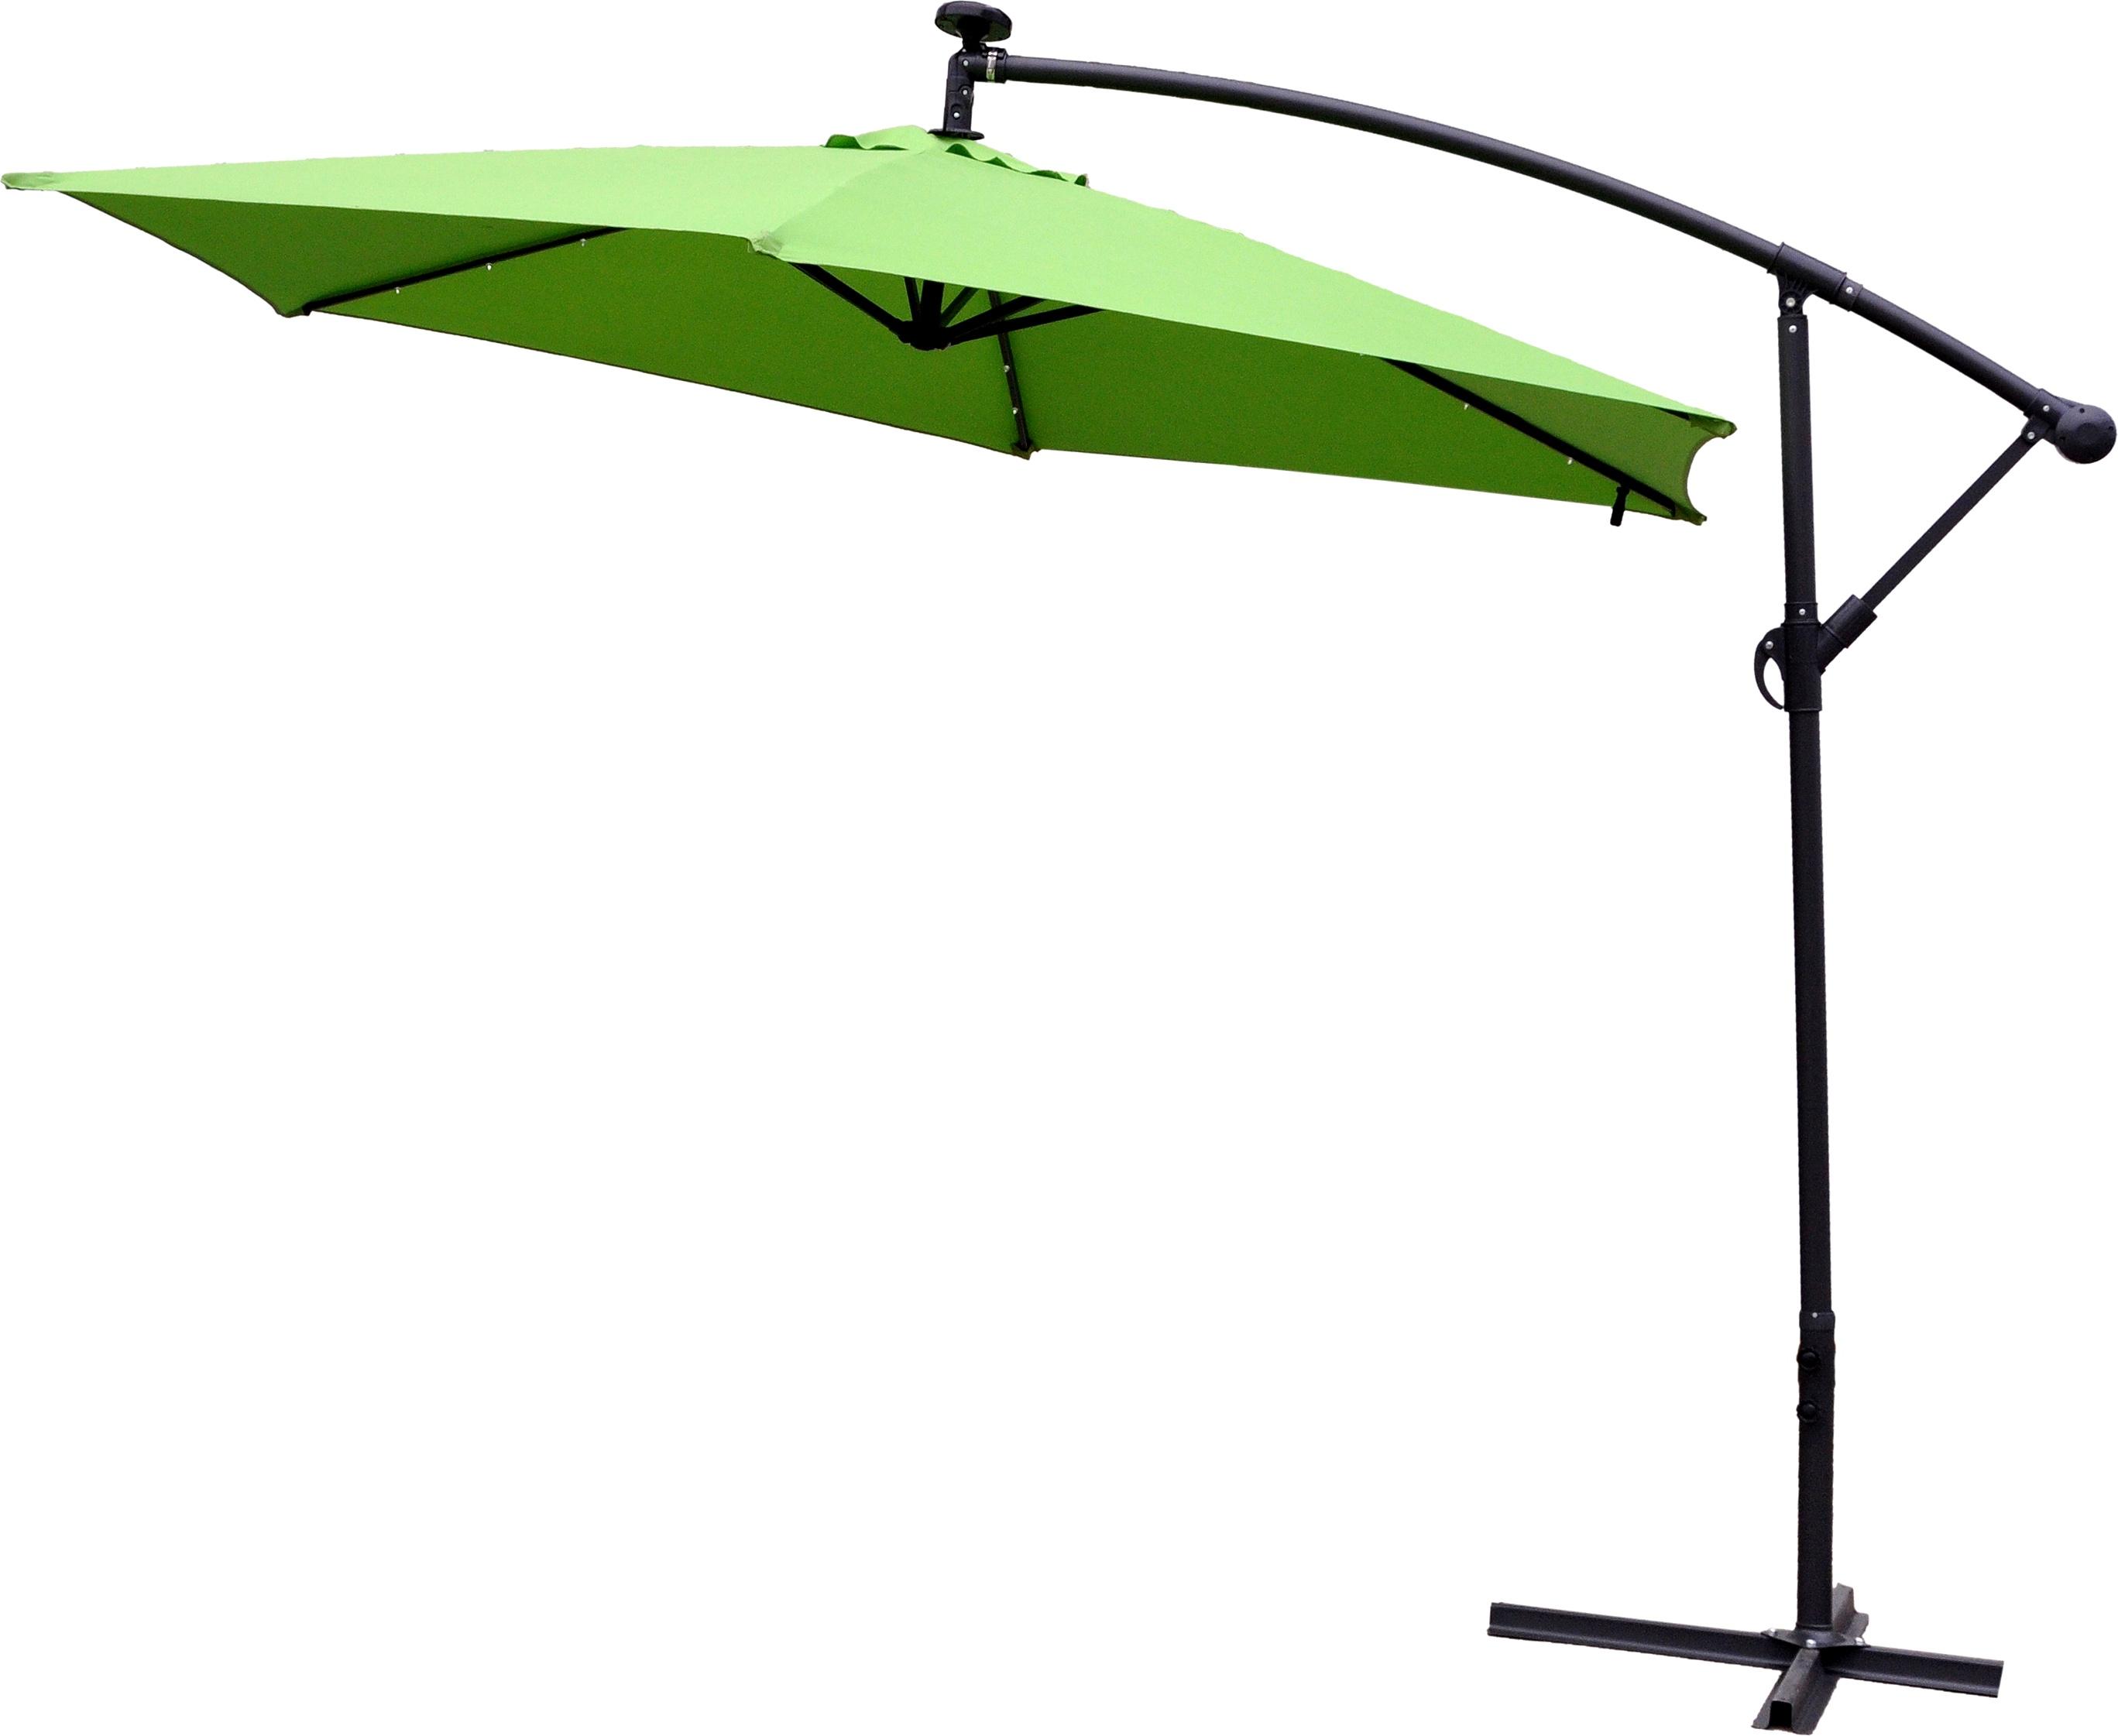 Aga Zahradní slunečník EXCLUSIV LED 300 cm Apple Green